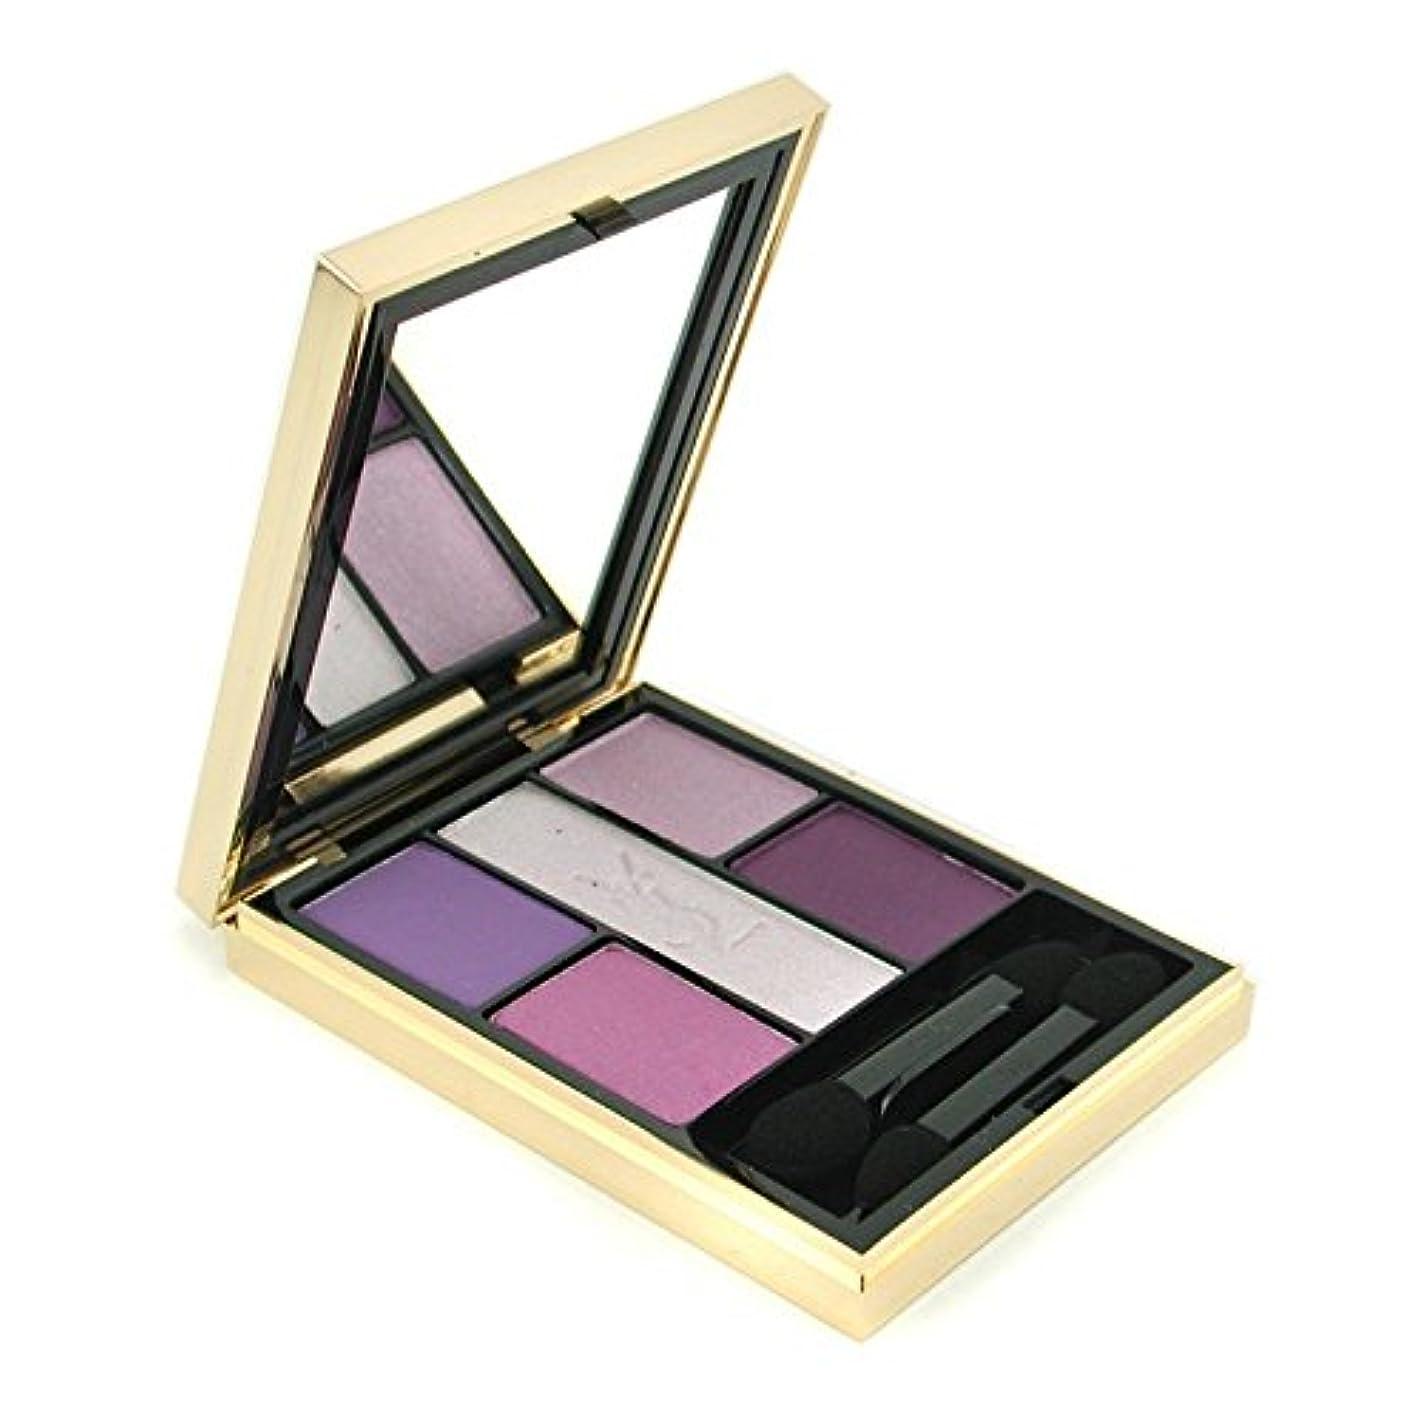 同盟盟主名前を作るイヴサンローラン オンブル サンク ルミエール - No. 04 Lilac Sky 8.5g/0.29oz並行輸入品